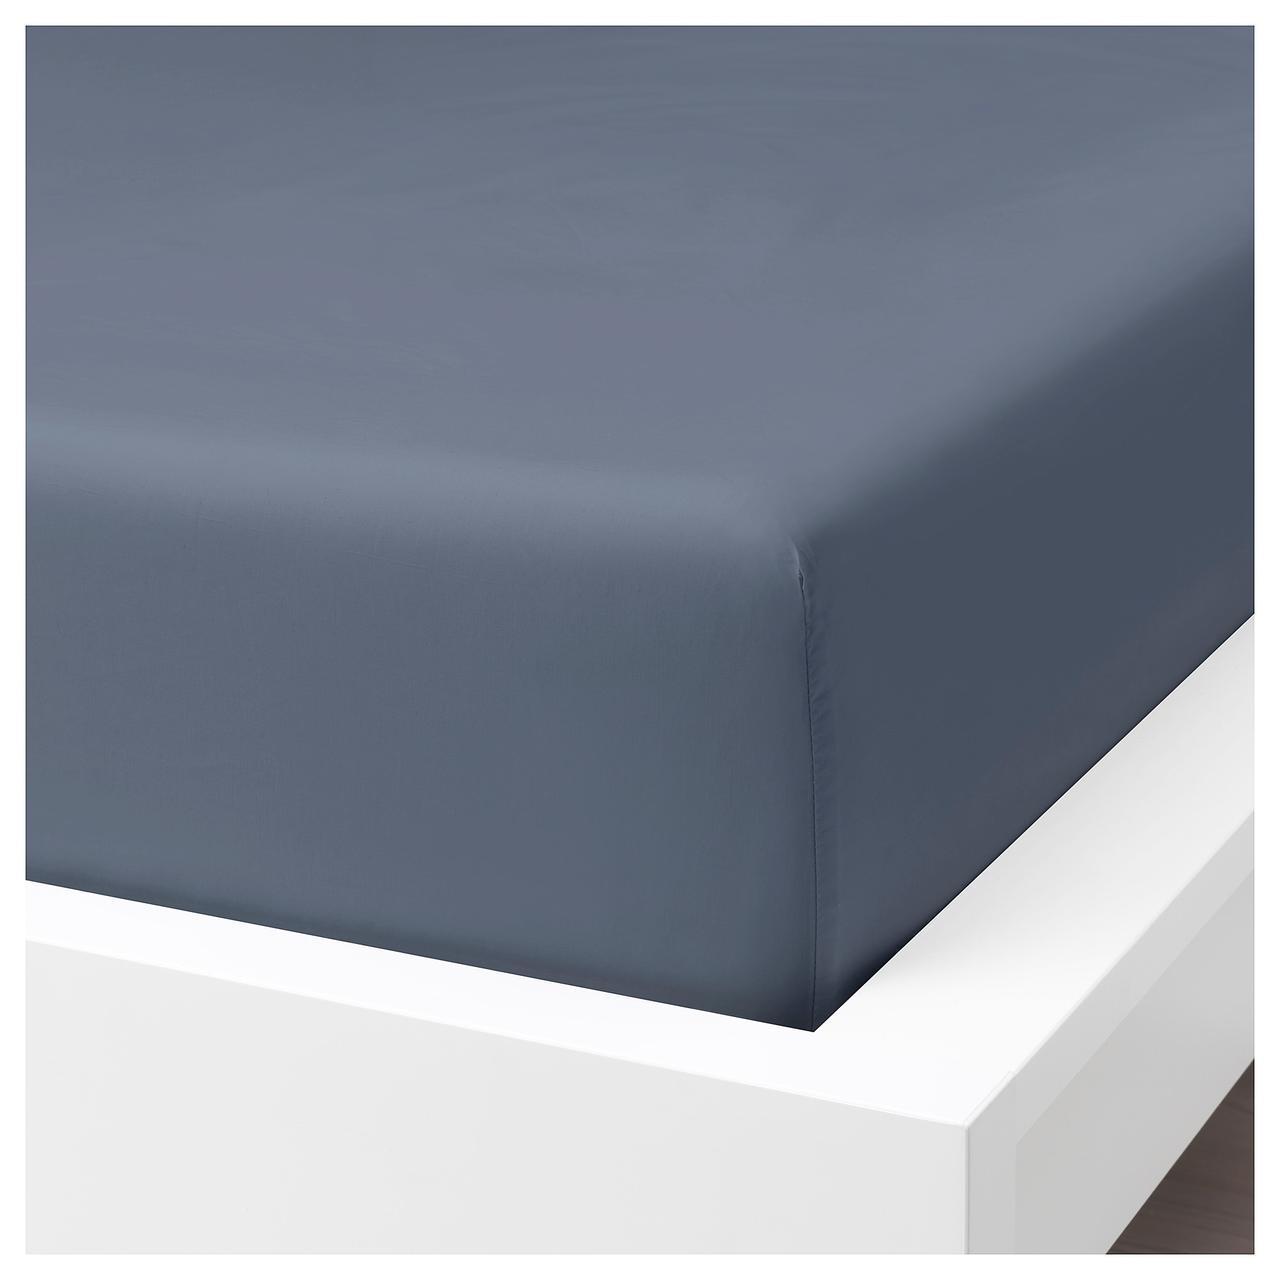 IKEA SOMNTUTA Простыня с резинкой, синий-серый  (304.127.59)